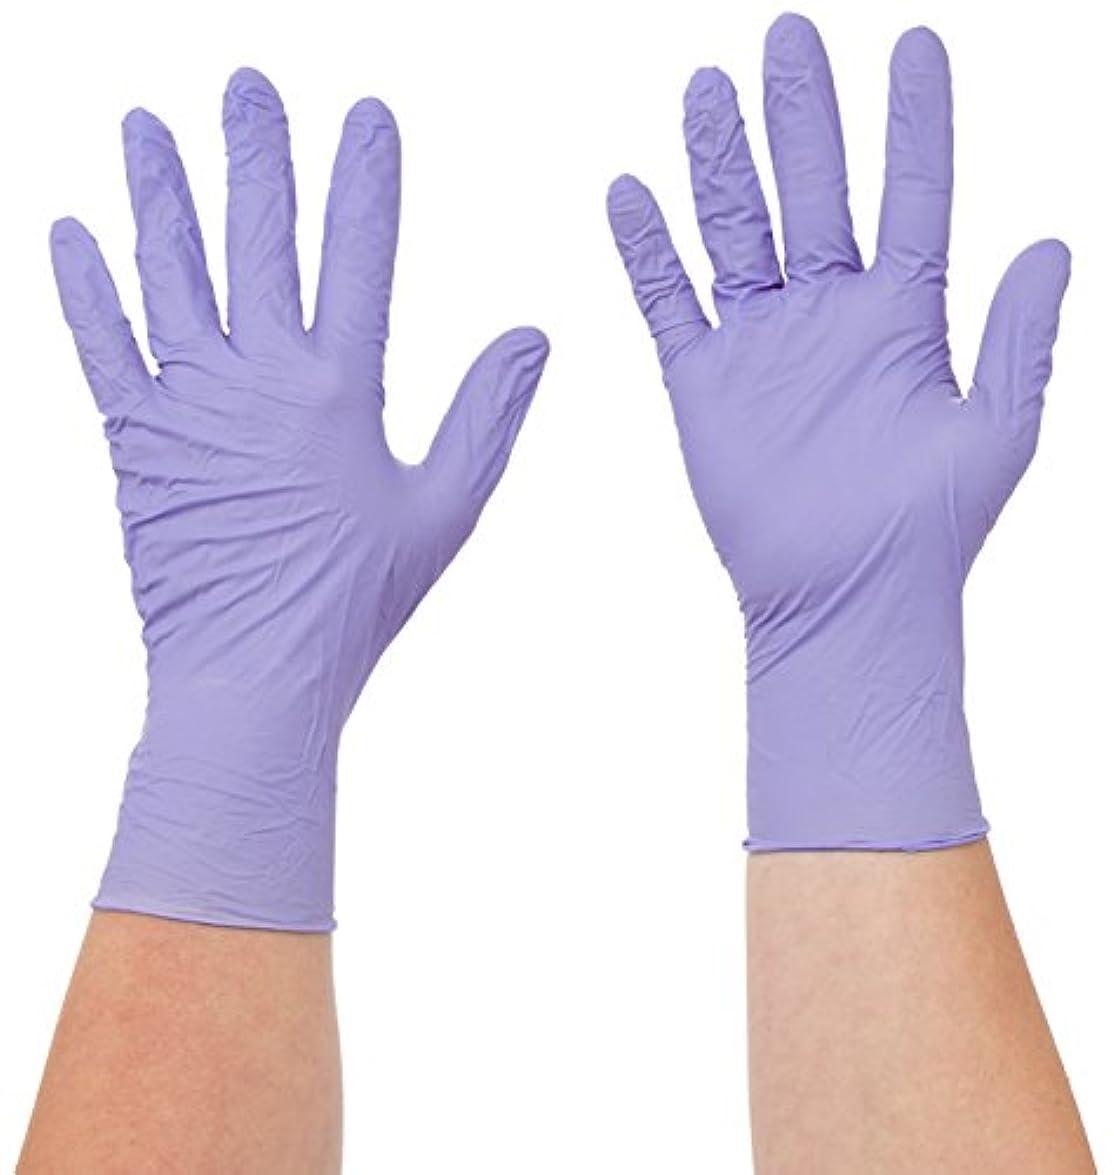 瀬戸際アジアギャラントリーSemperit 使い捨てニトリル手袋 Xtra Lite 0.14mm 粉無(入数:180枚) 3000001621